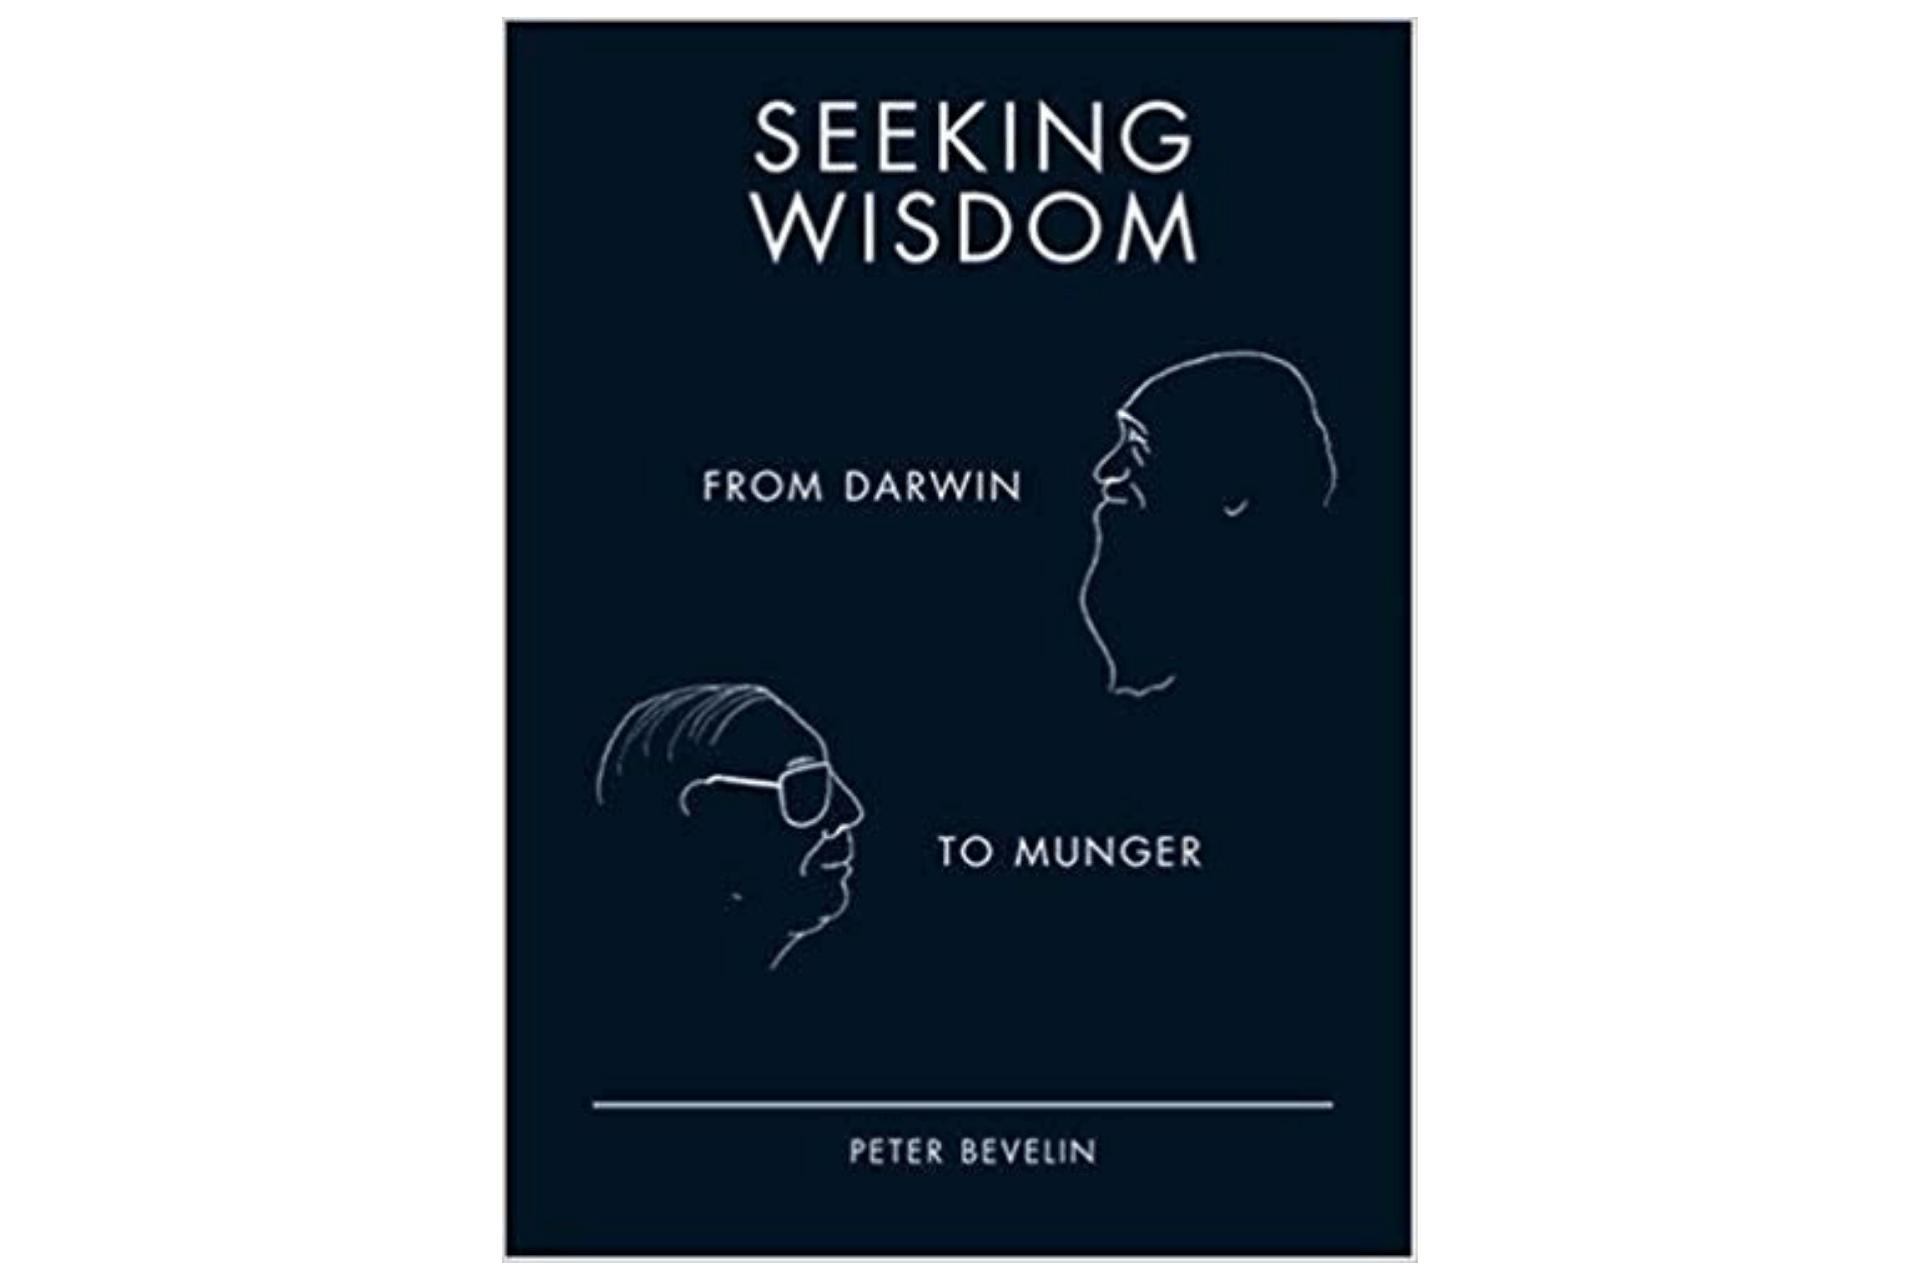 Seeking Wisdom by Peter Bevelin